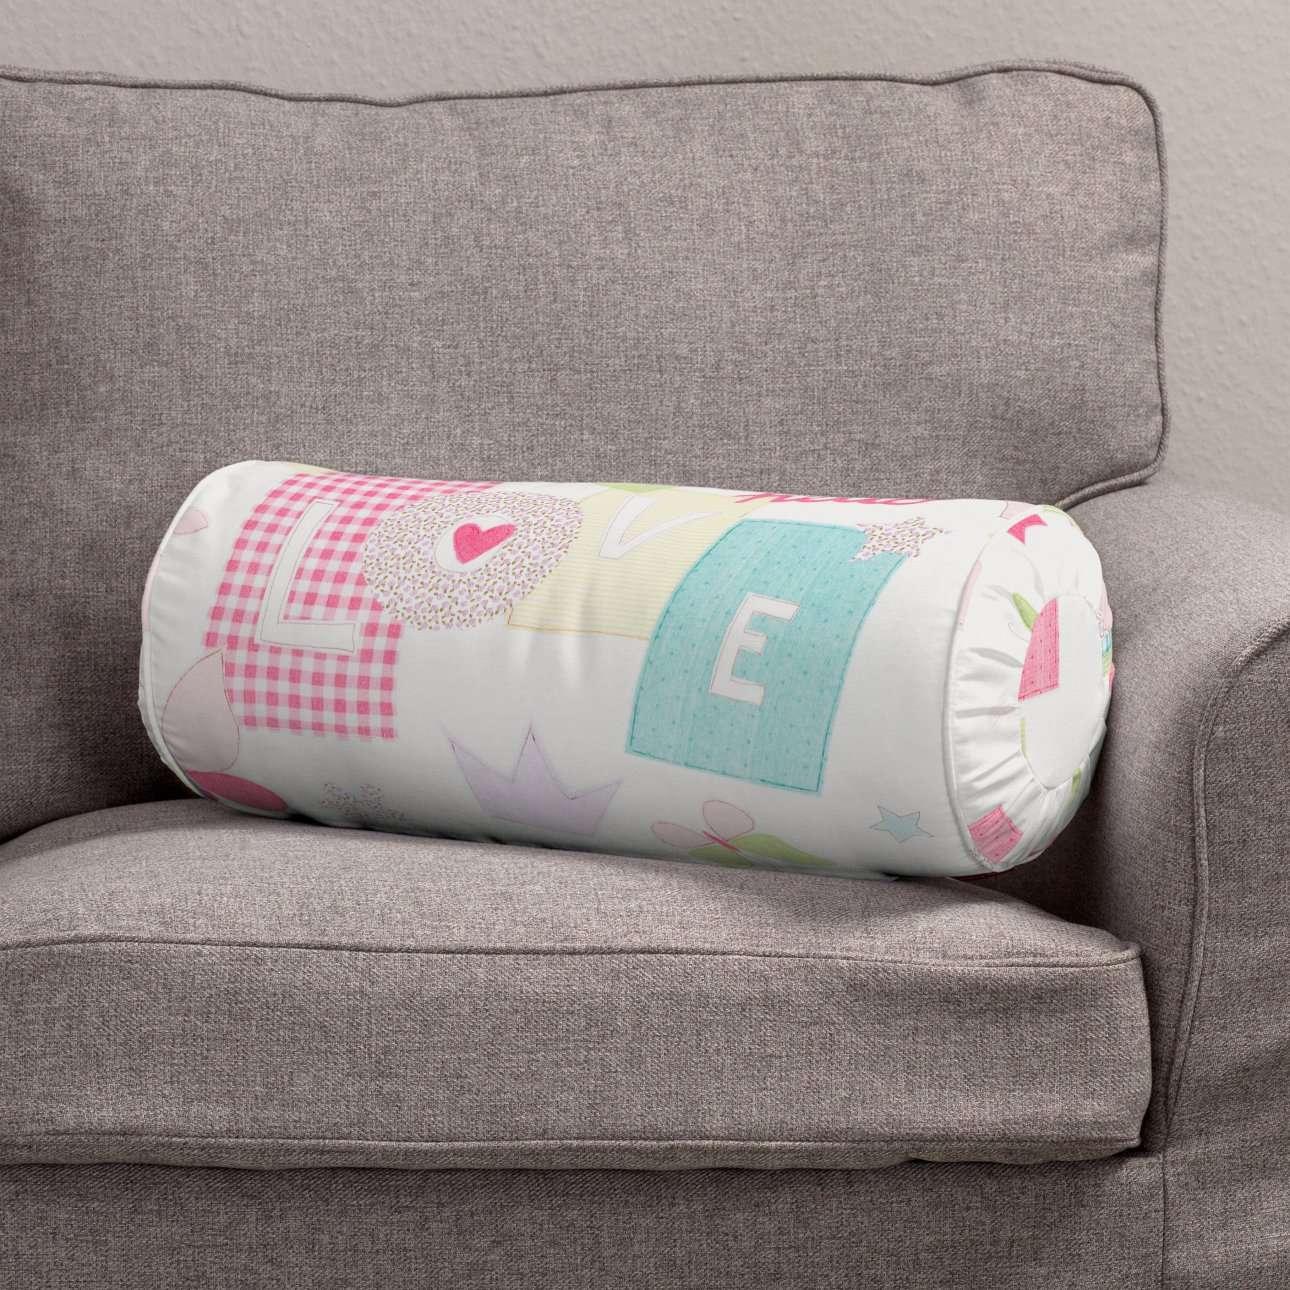 Poduszka wałek z zakładkami Ø 20 x 50 cm w kolekcji Little World, tkanina: 141-51